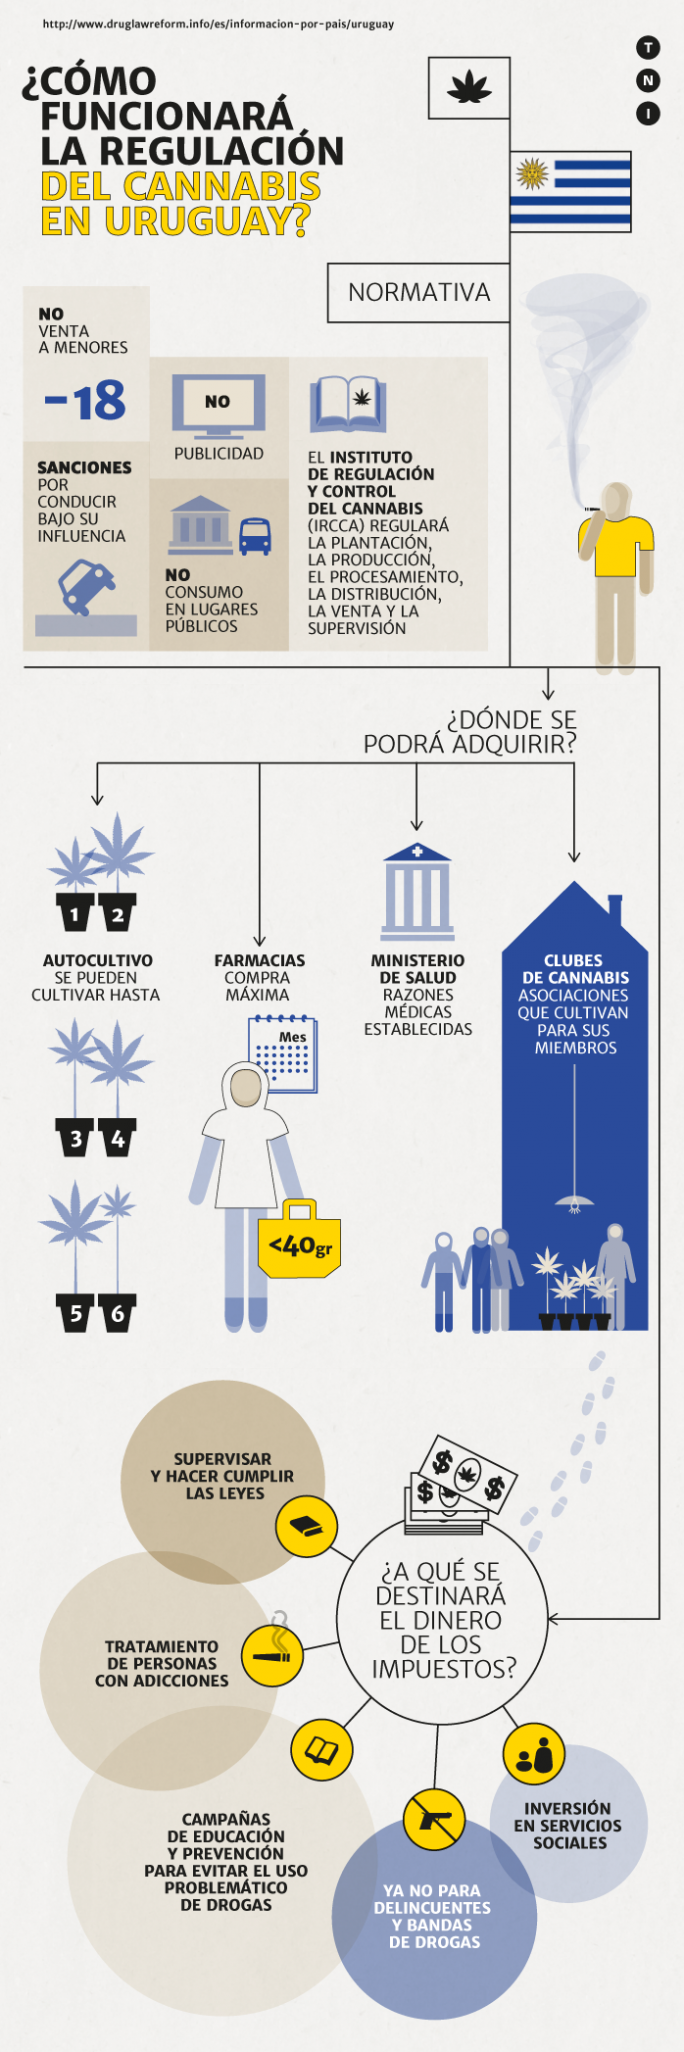 uruguay_web_infographic2_spanish